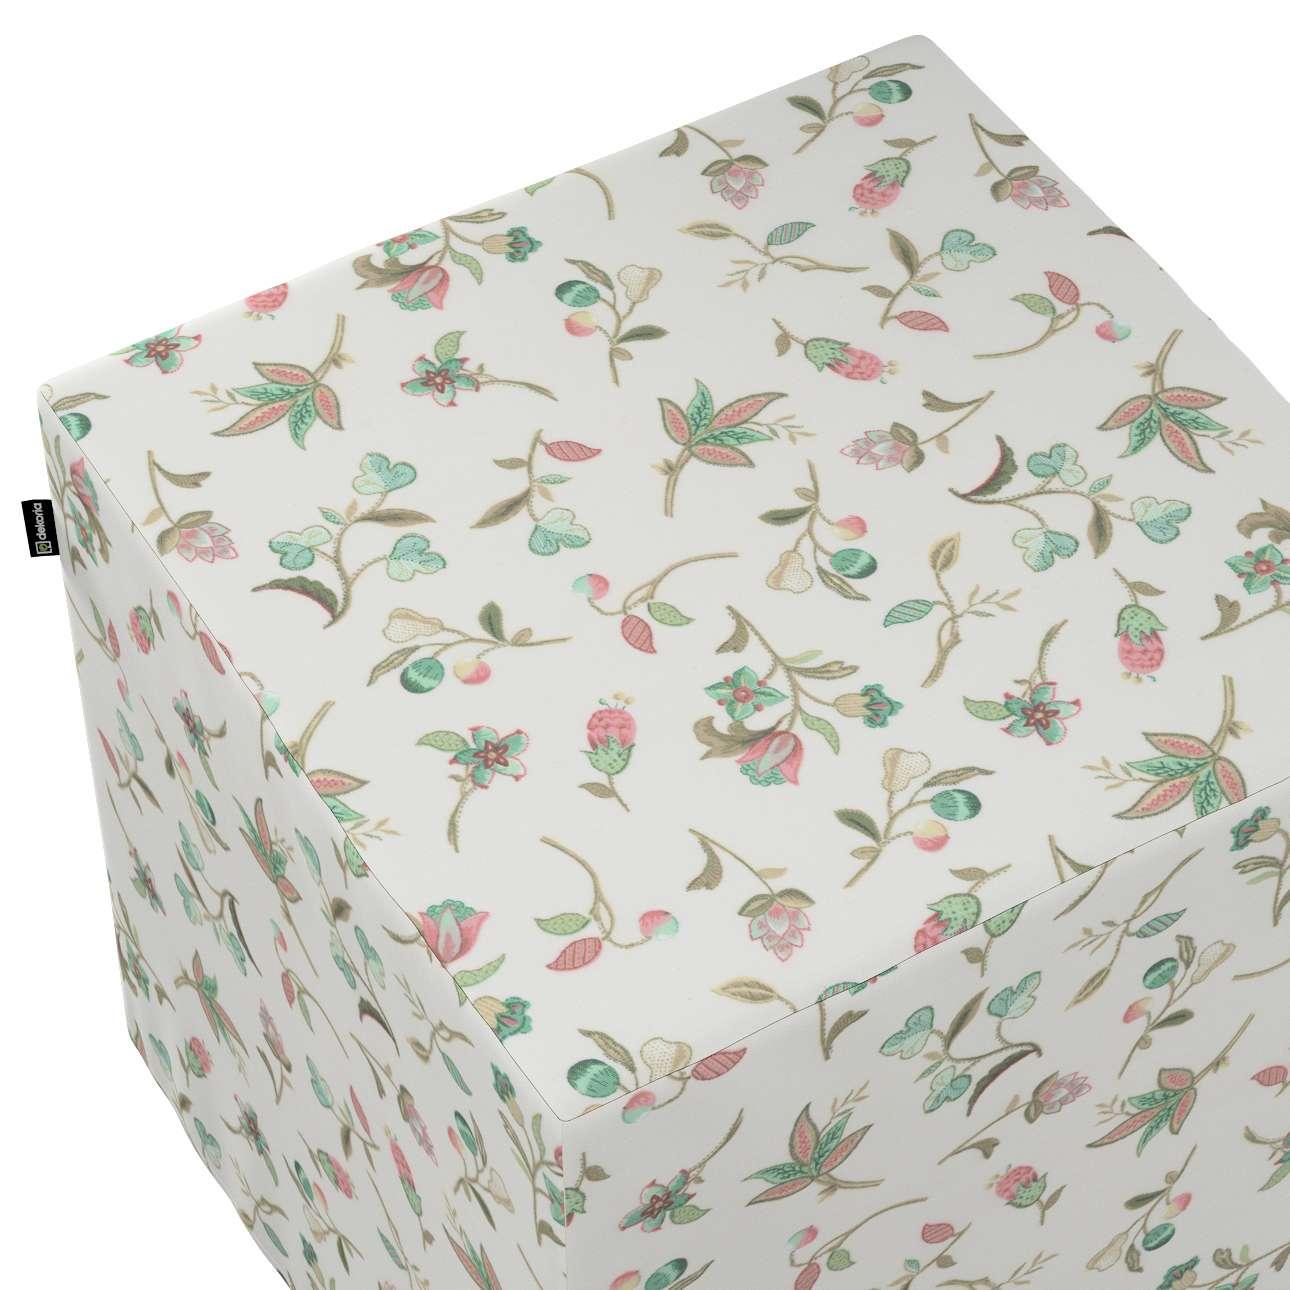 Taburetka tvrdá, kocka V kolekcii Londres, tkanina: 122-02